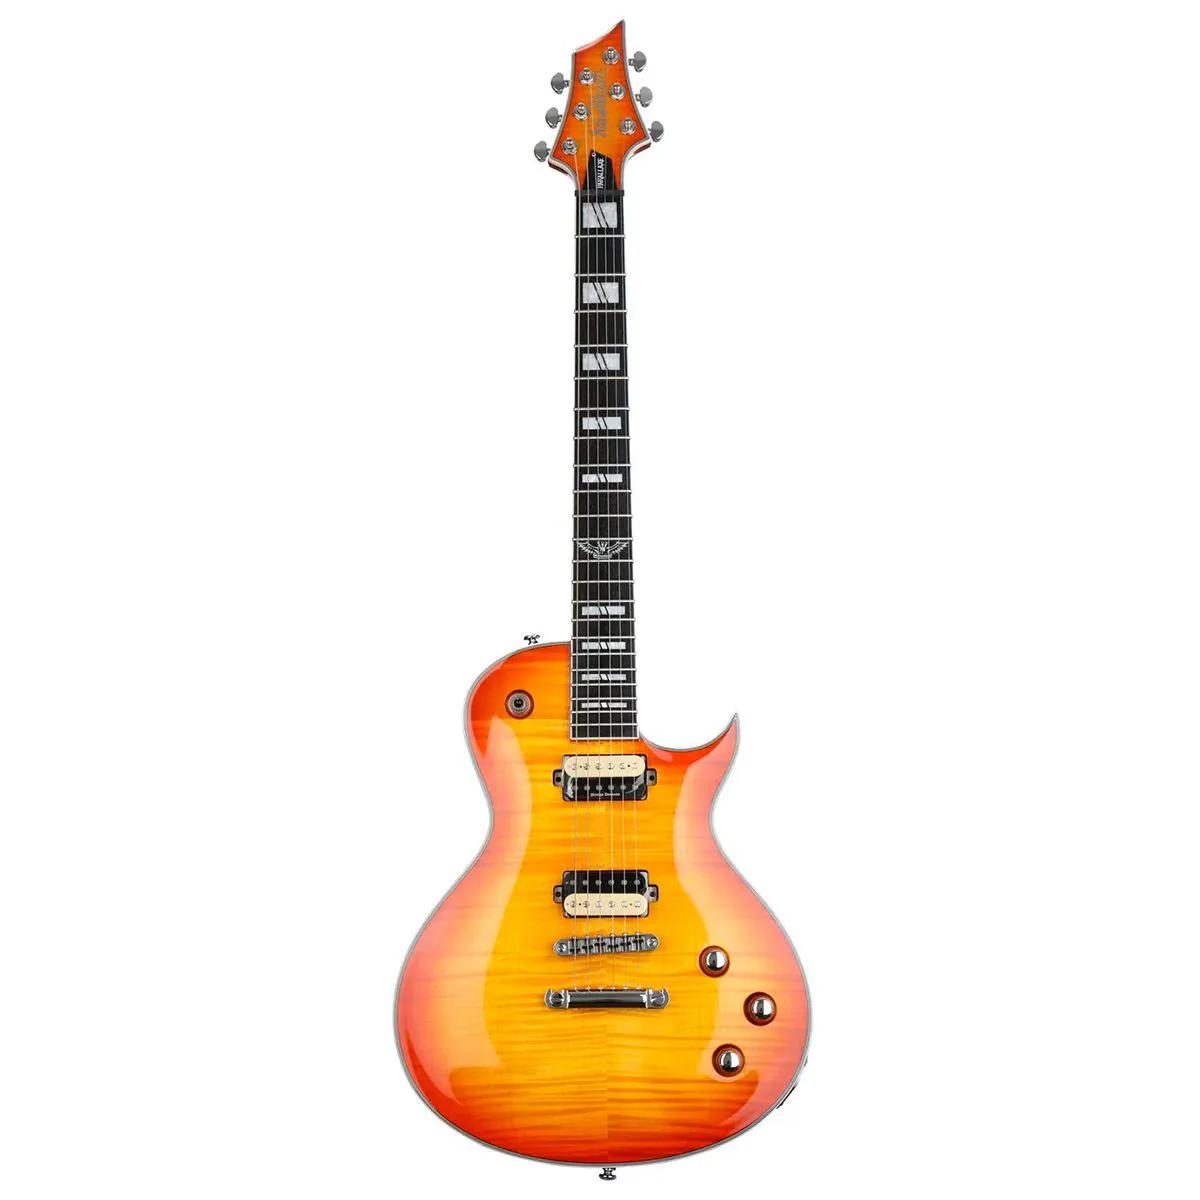 Guitarra Washburn Parallaxe PXL200 Flame Honey burst